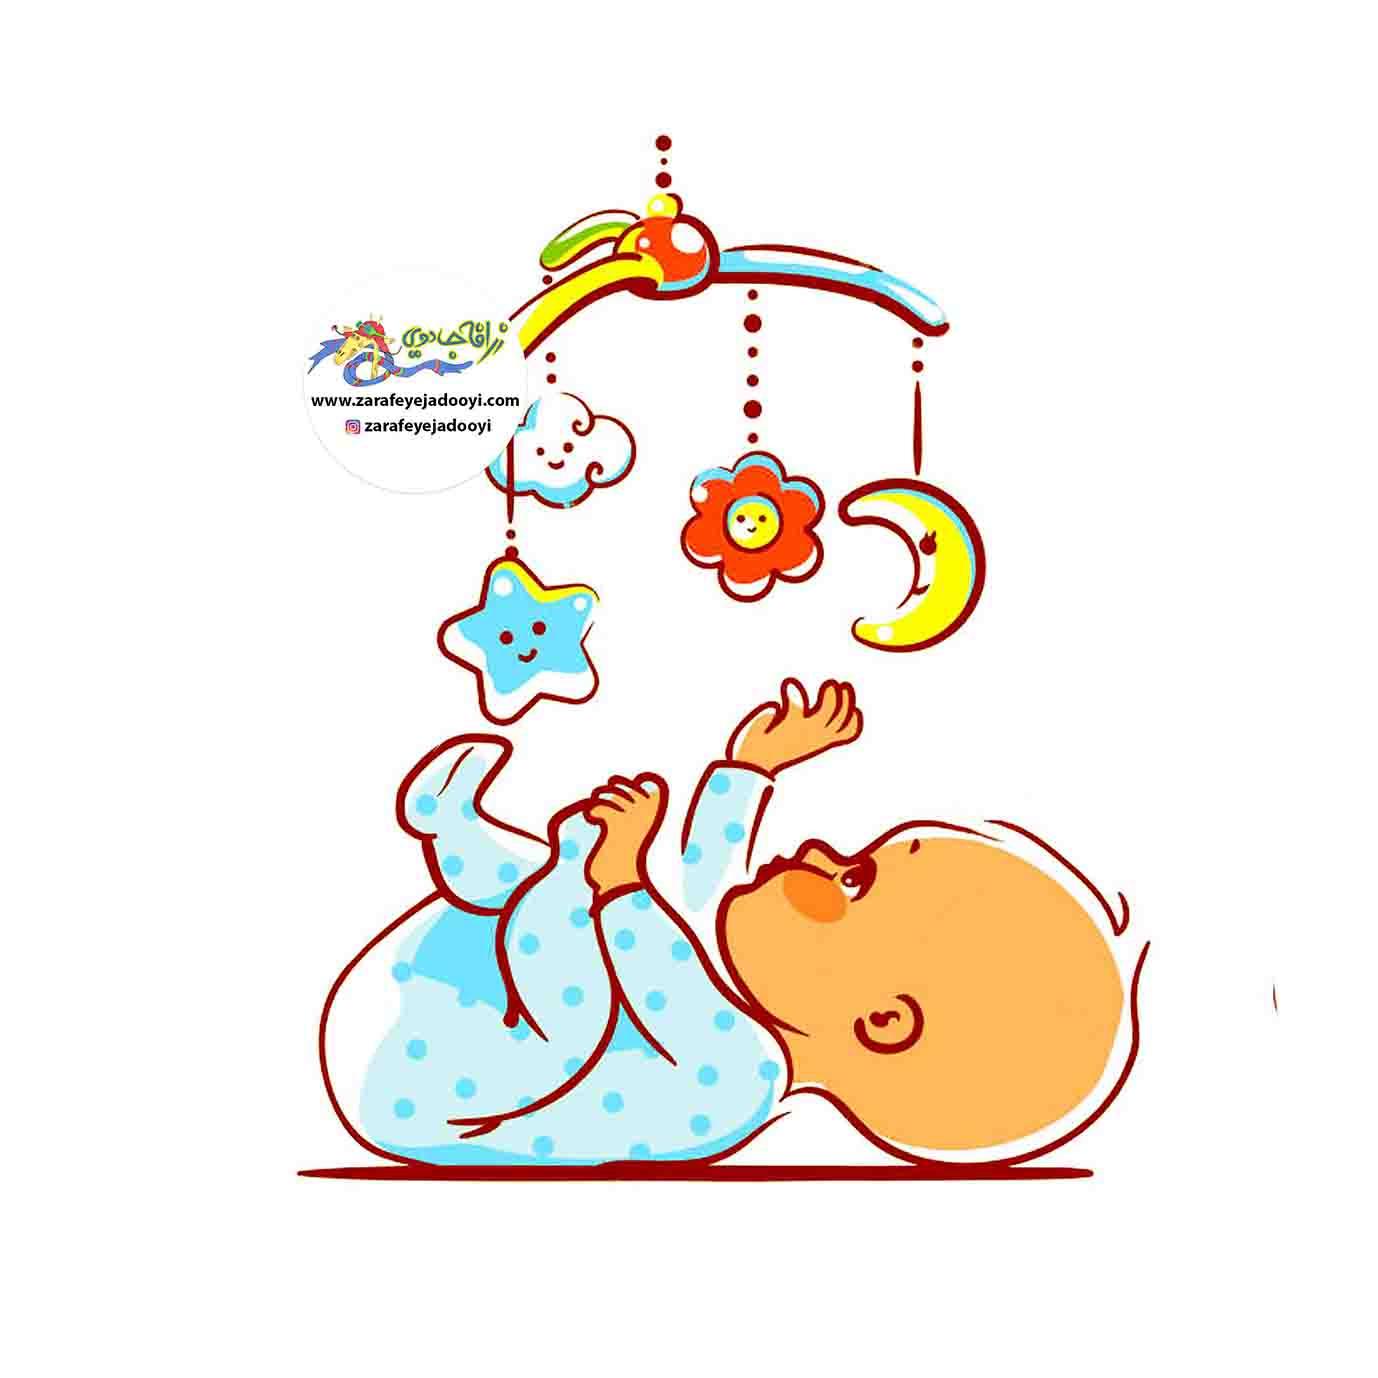 زرافه جادویی - بیدار شدن کودک در صبحگاه